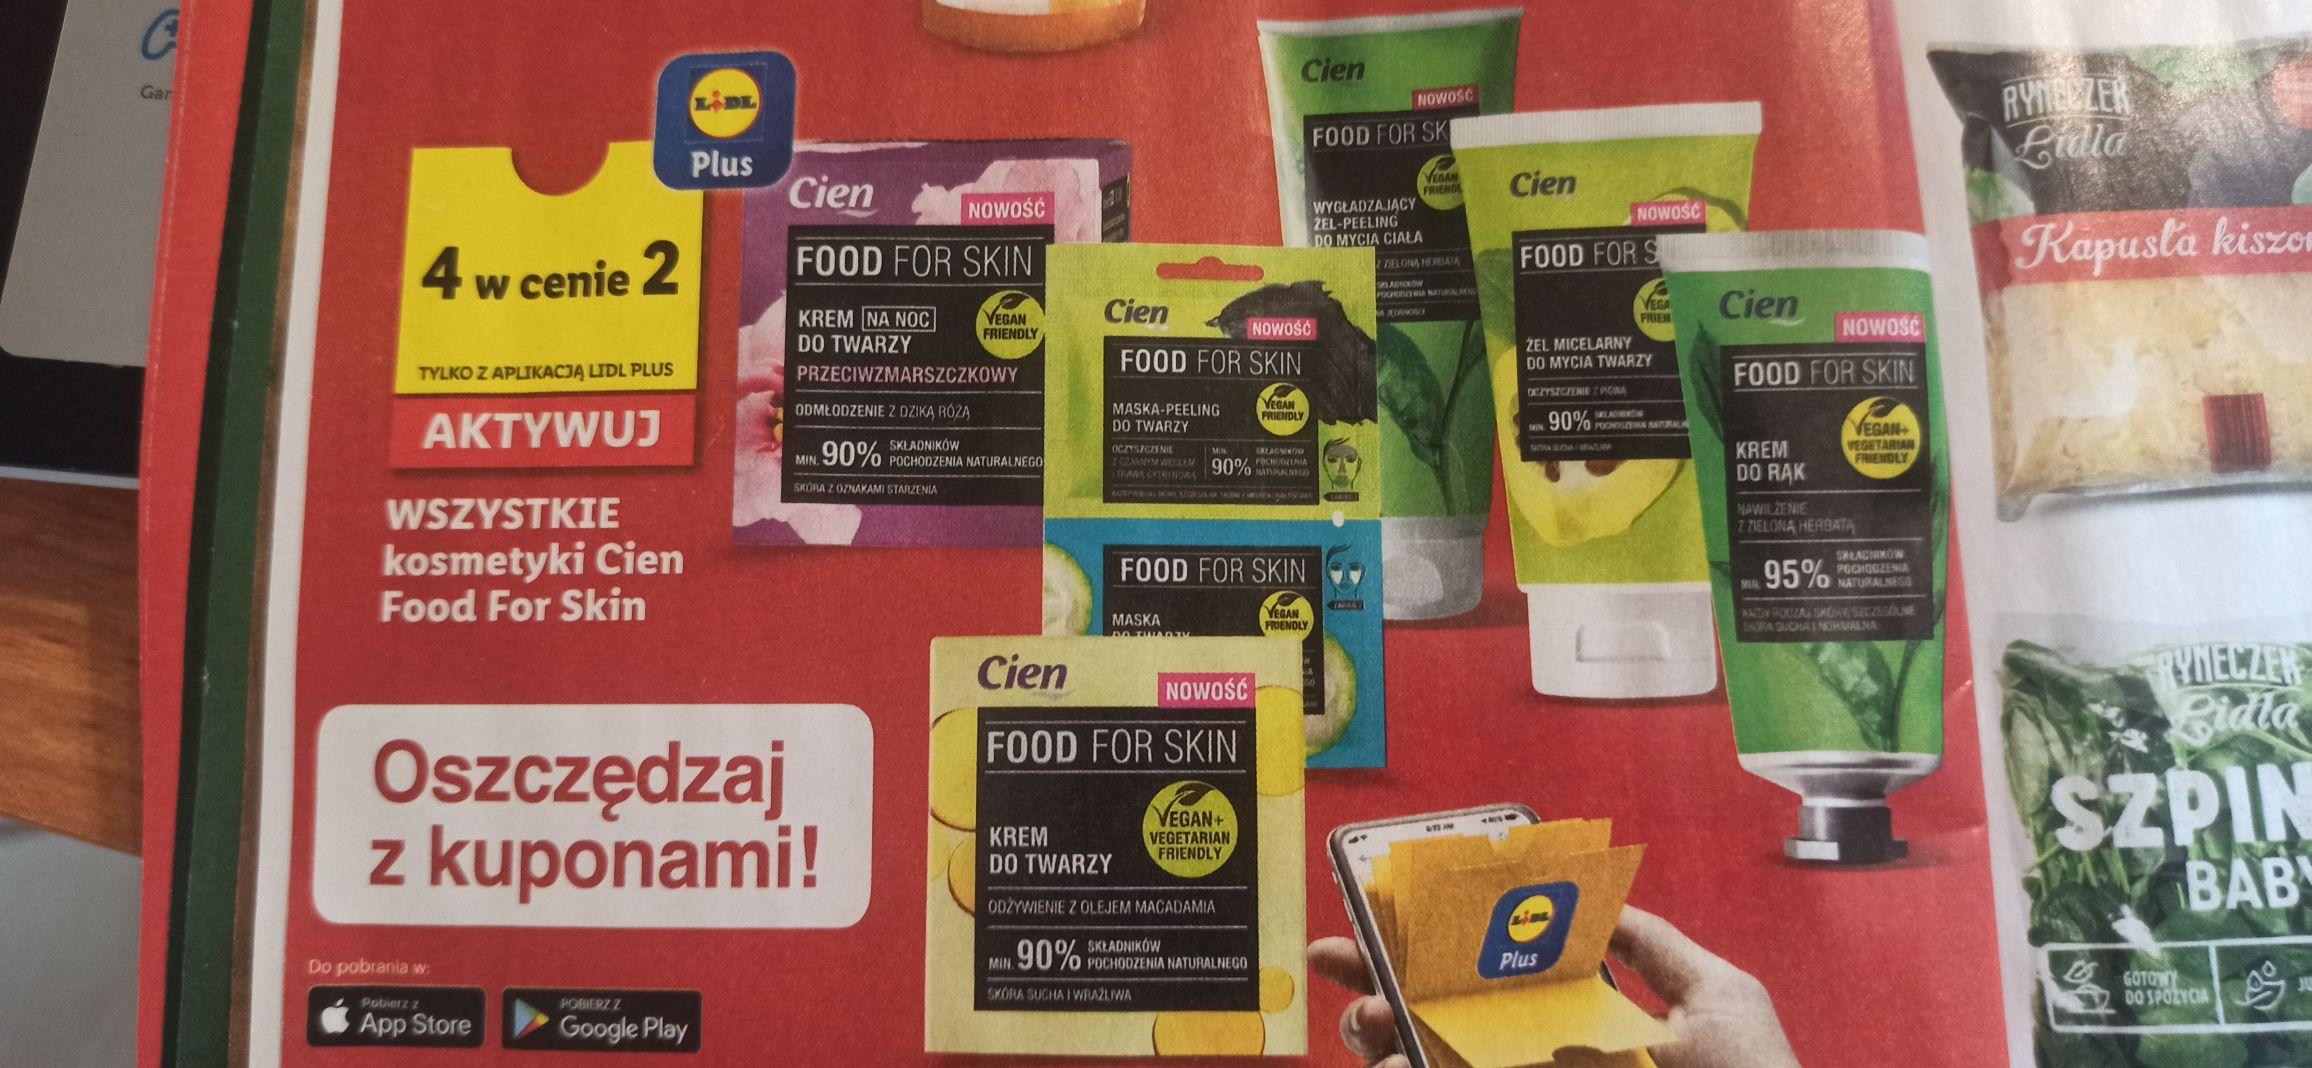 Wszystkie kosmetyki marki Cien food for Skin 4 w cenie 2. Lidl